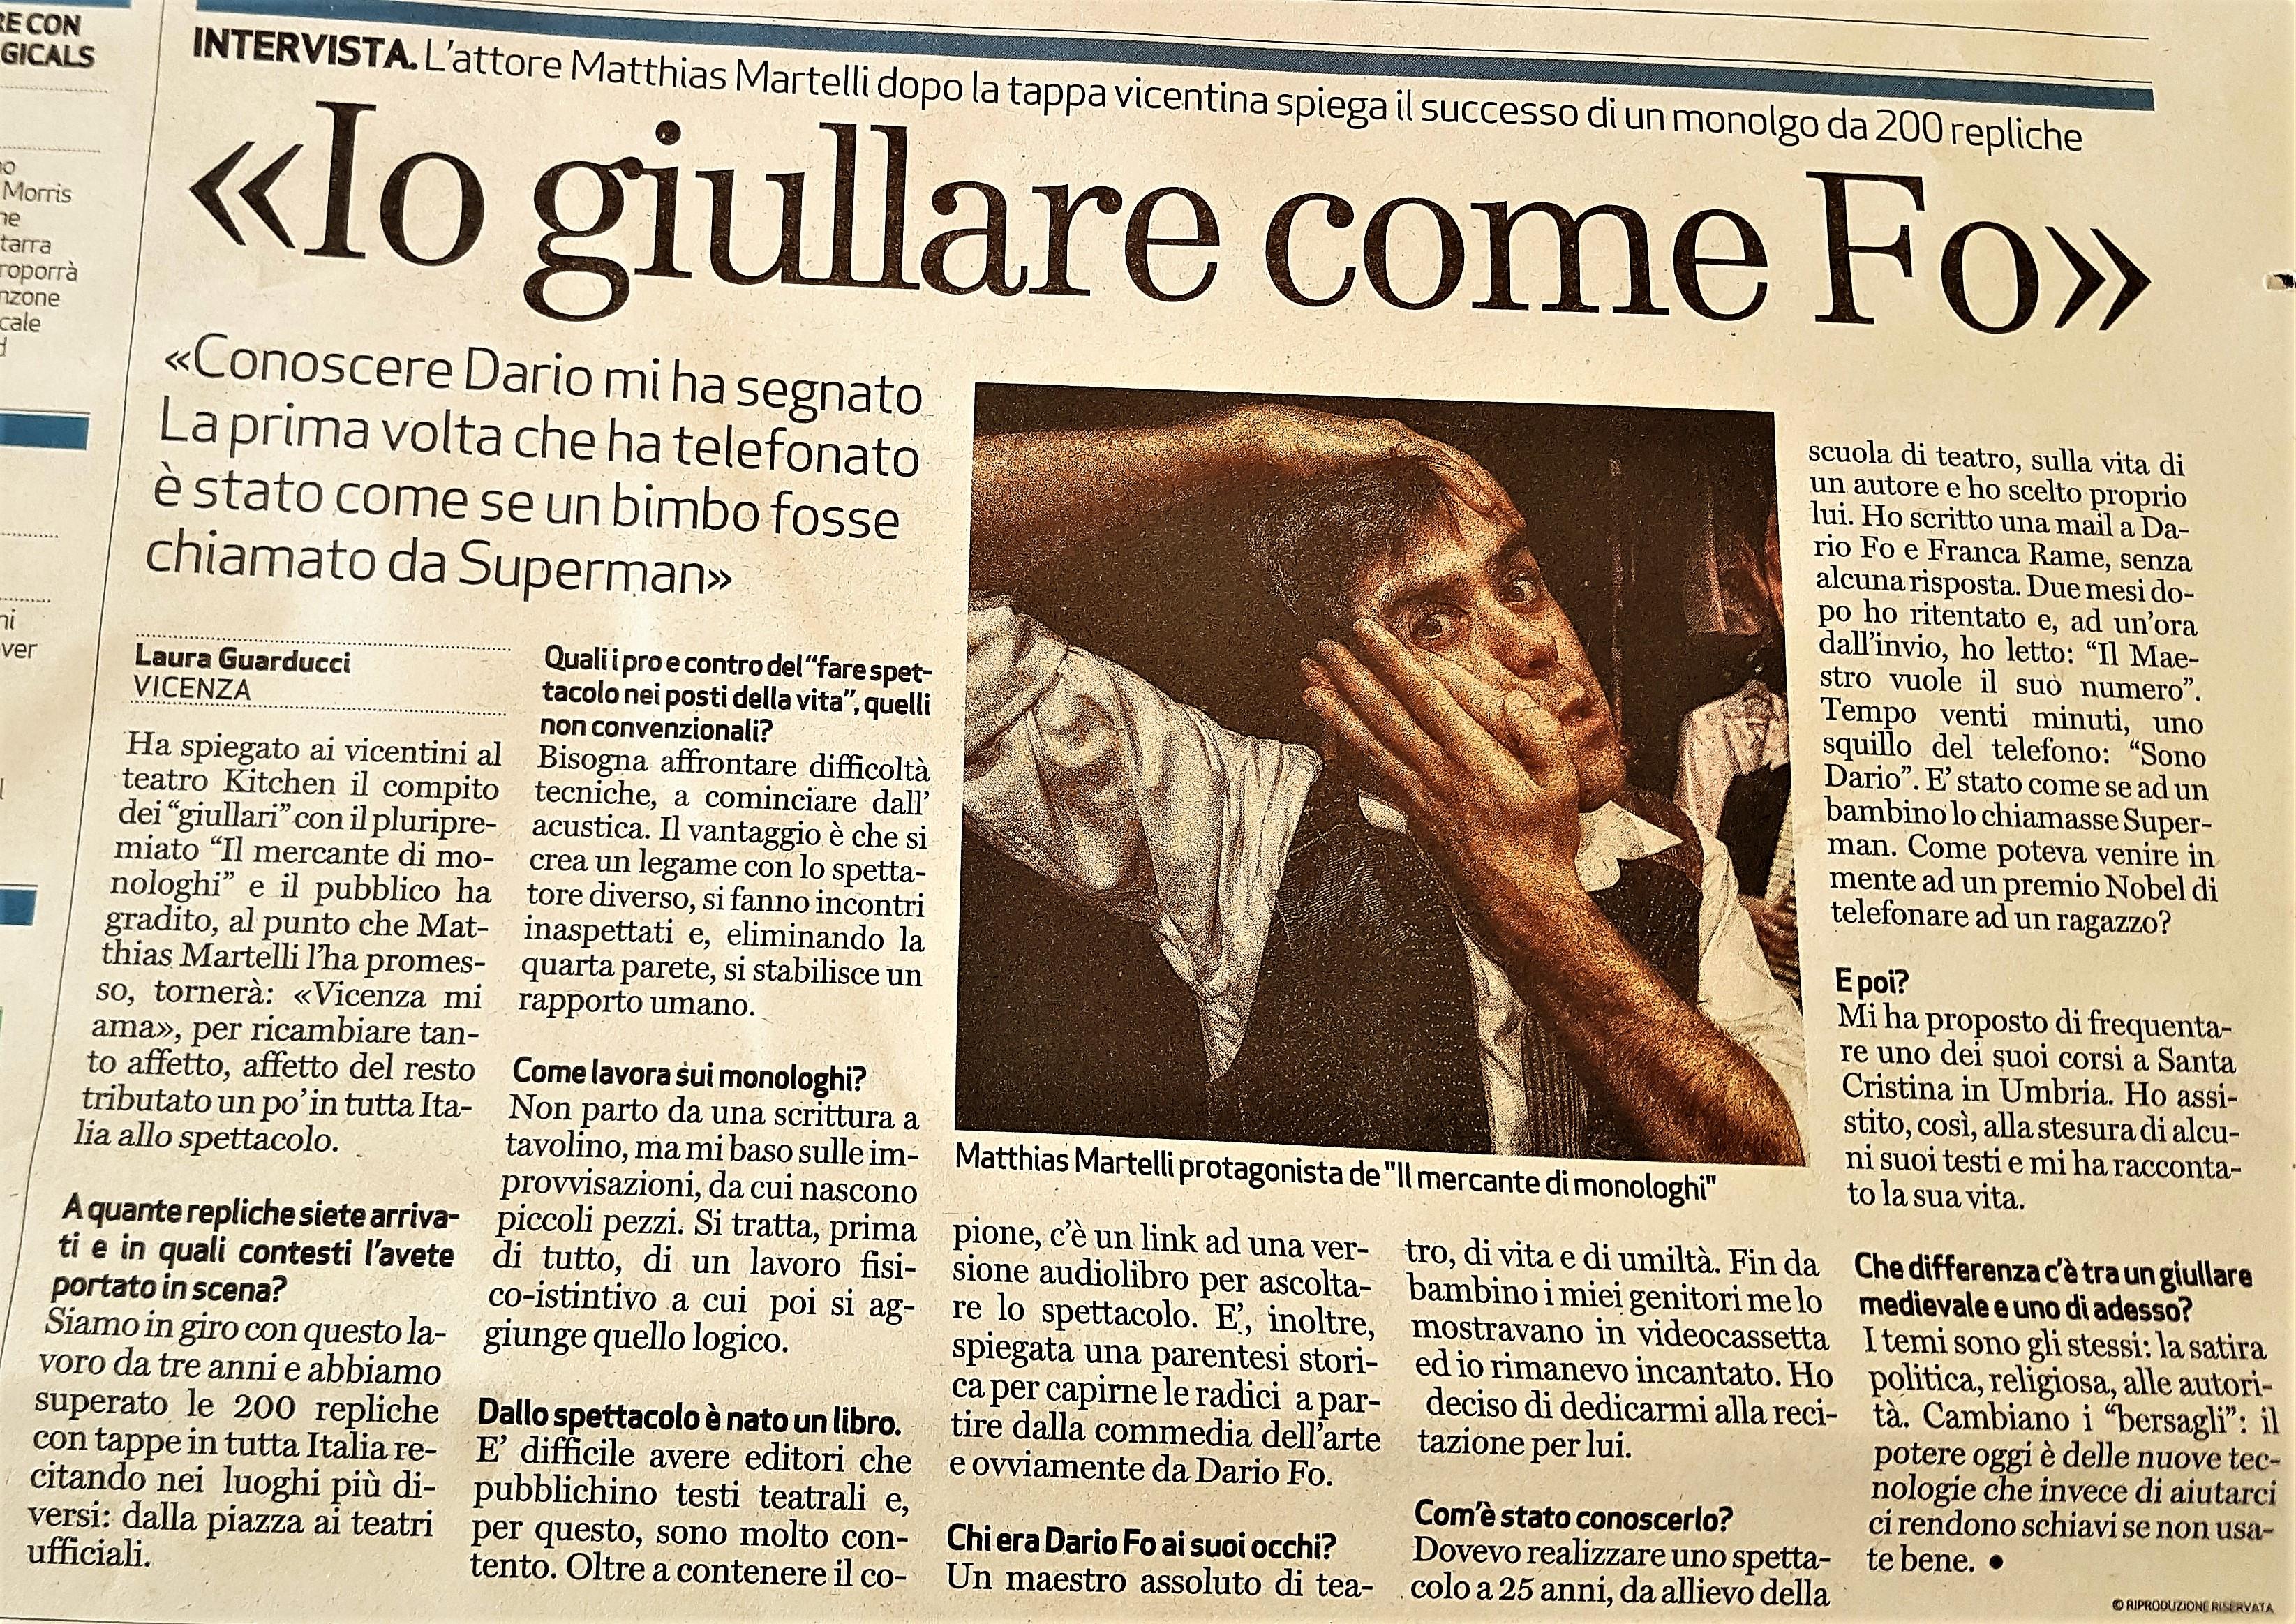 Il Giornale di Vicenza - 14/4/17